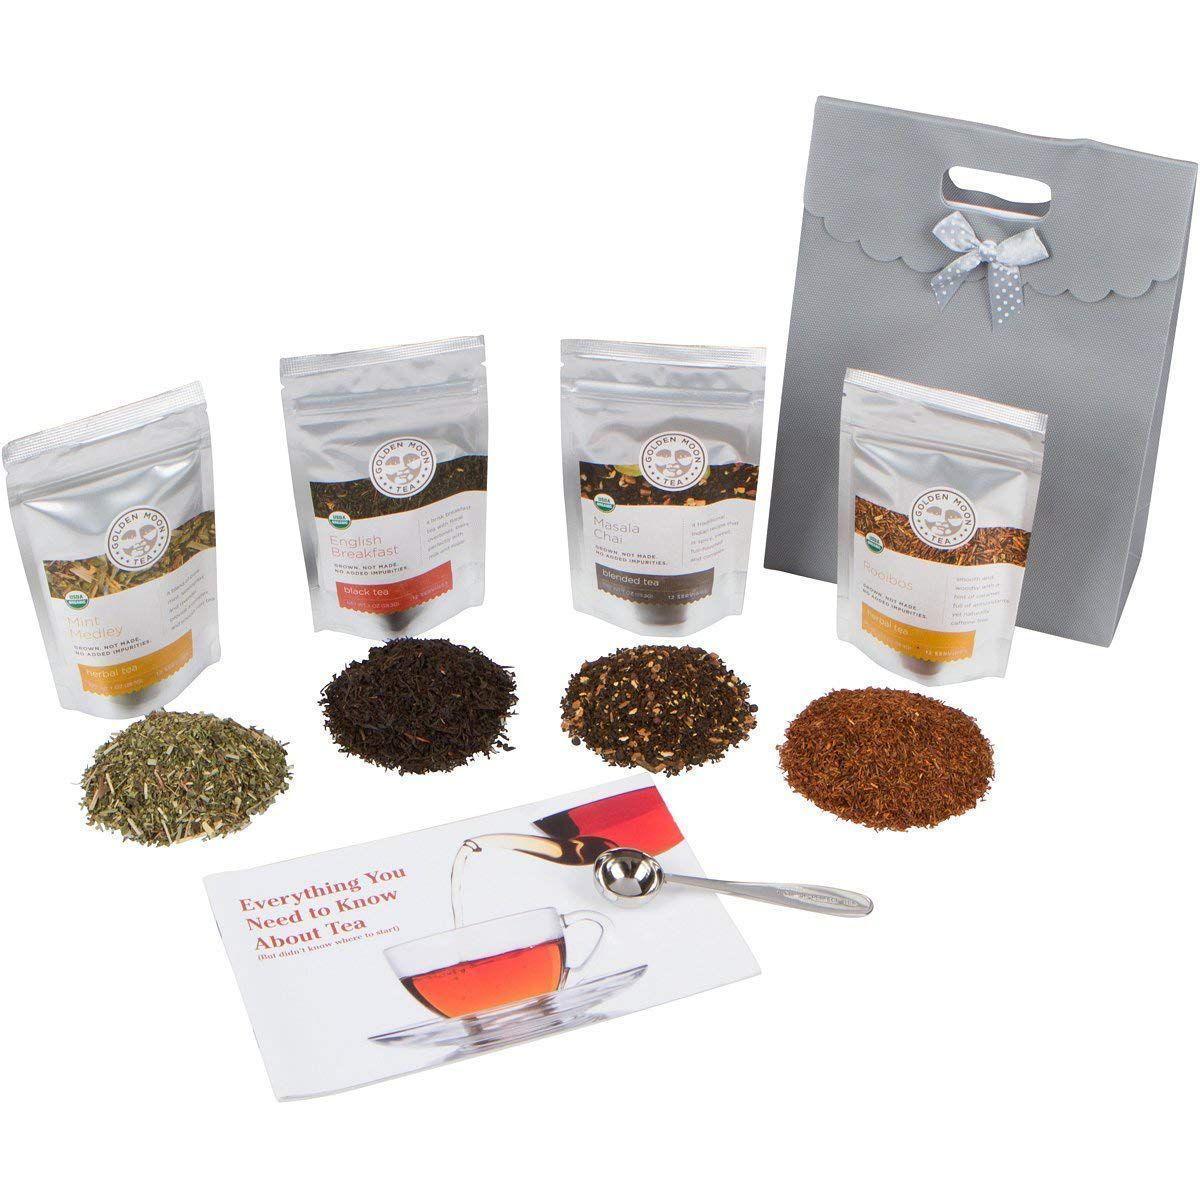 Golden Moon Tea Loose Leaf Tea Sampler